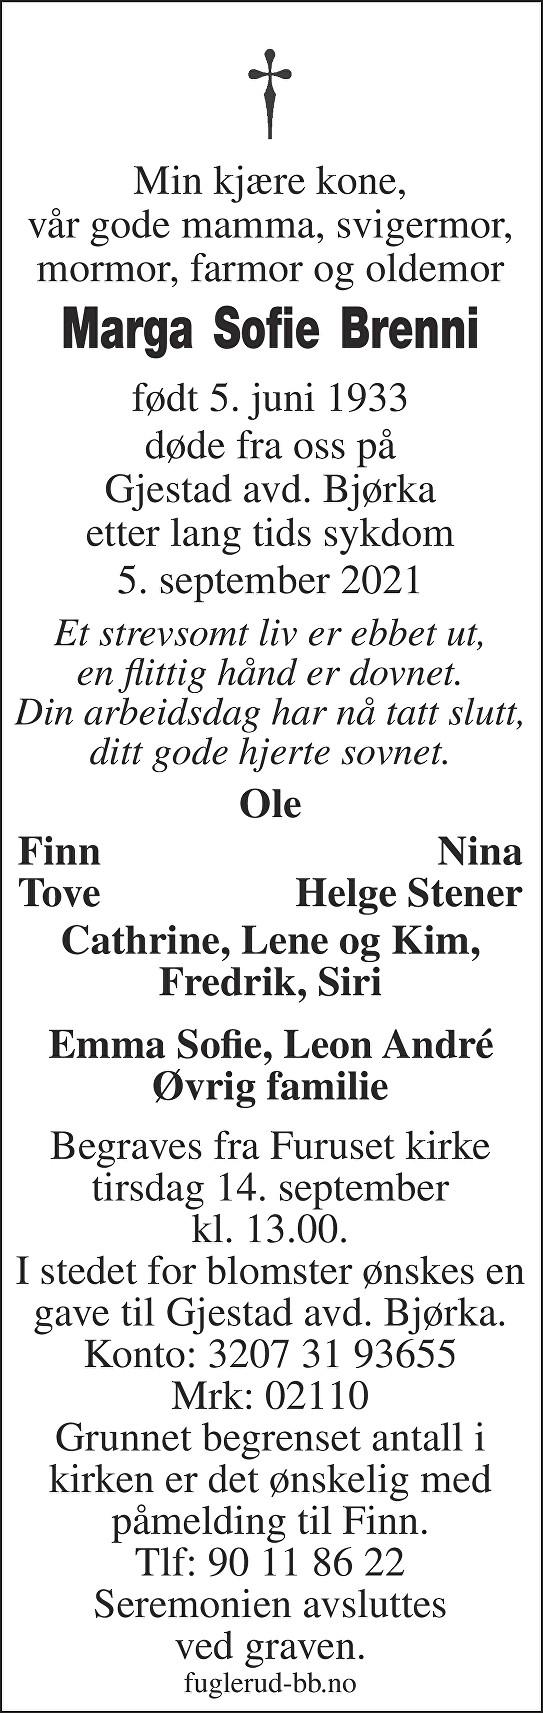 Marga Sofie Brenni Dødsannonse